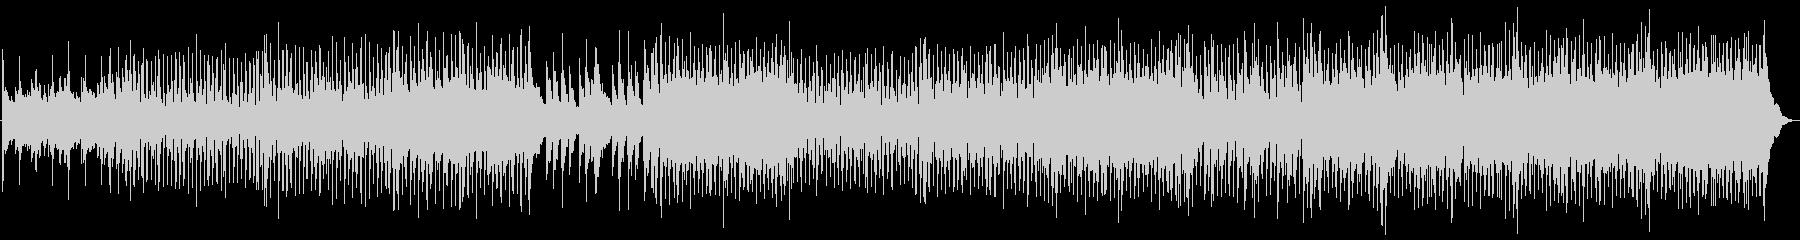 マンドリン、ピアノ、ギターの下に素...の未再生の波形